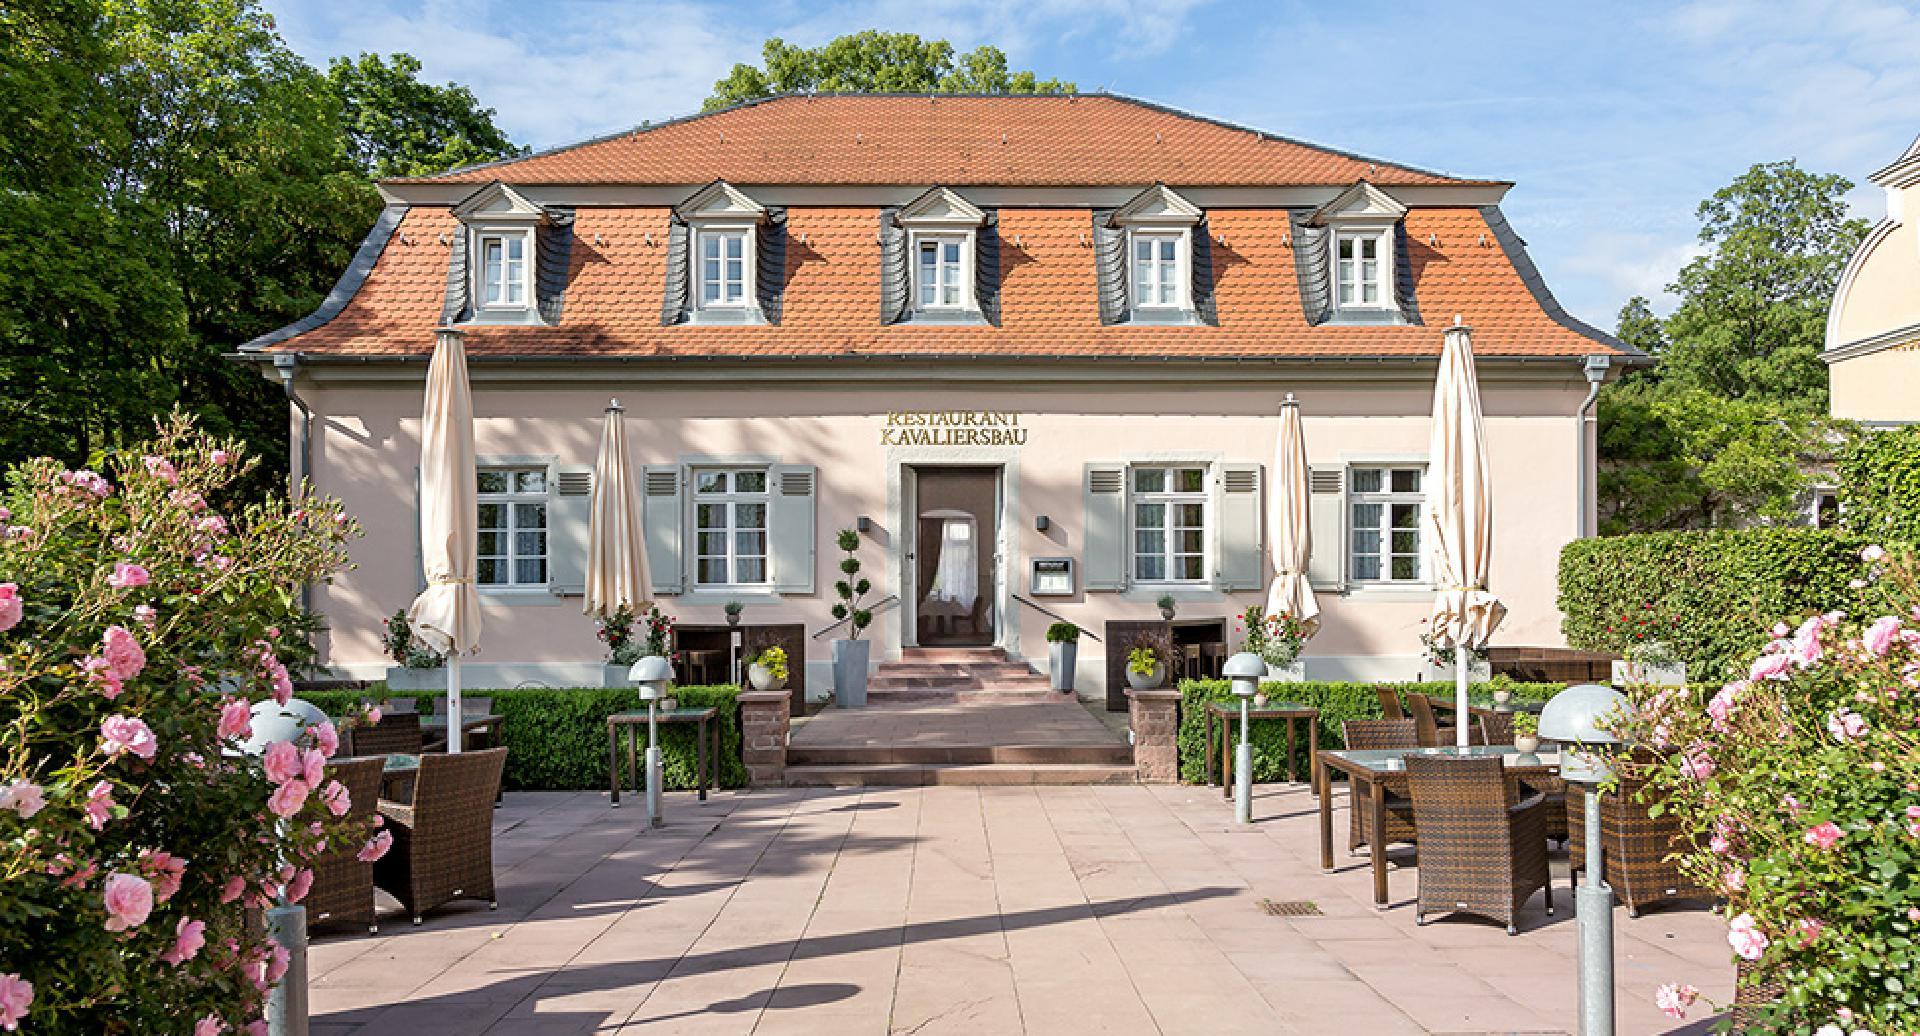 restaurant-kavaliersbau-darmstadt